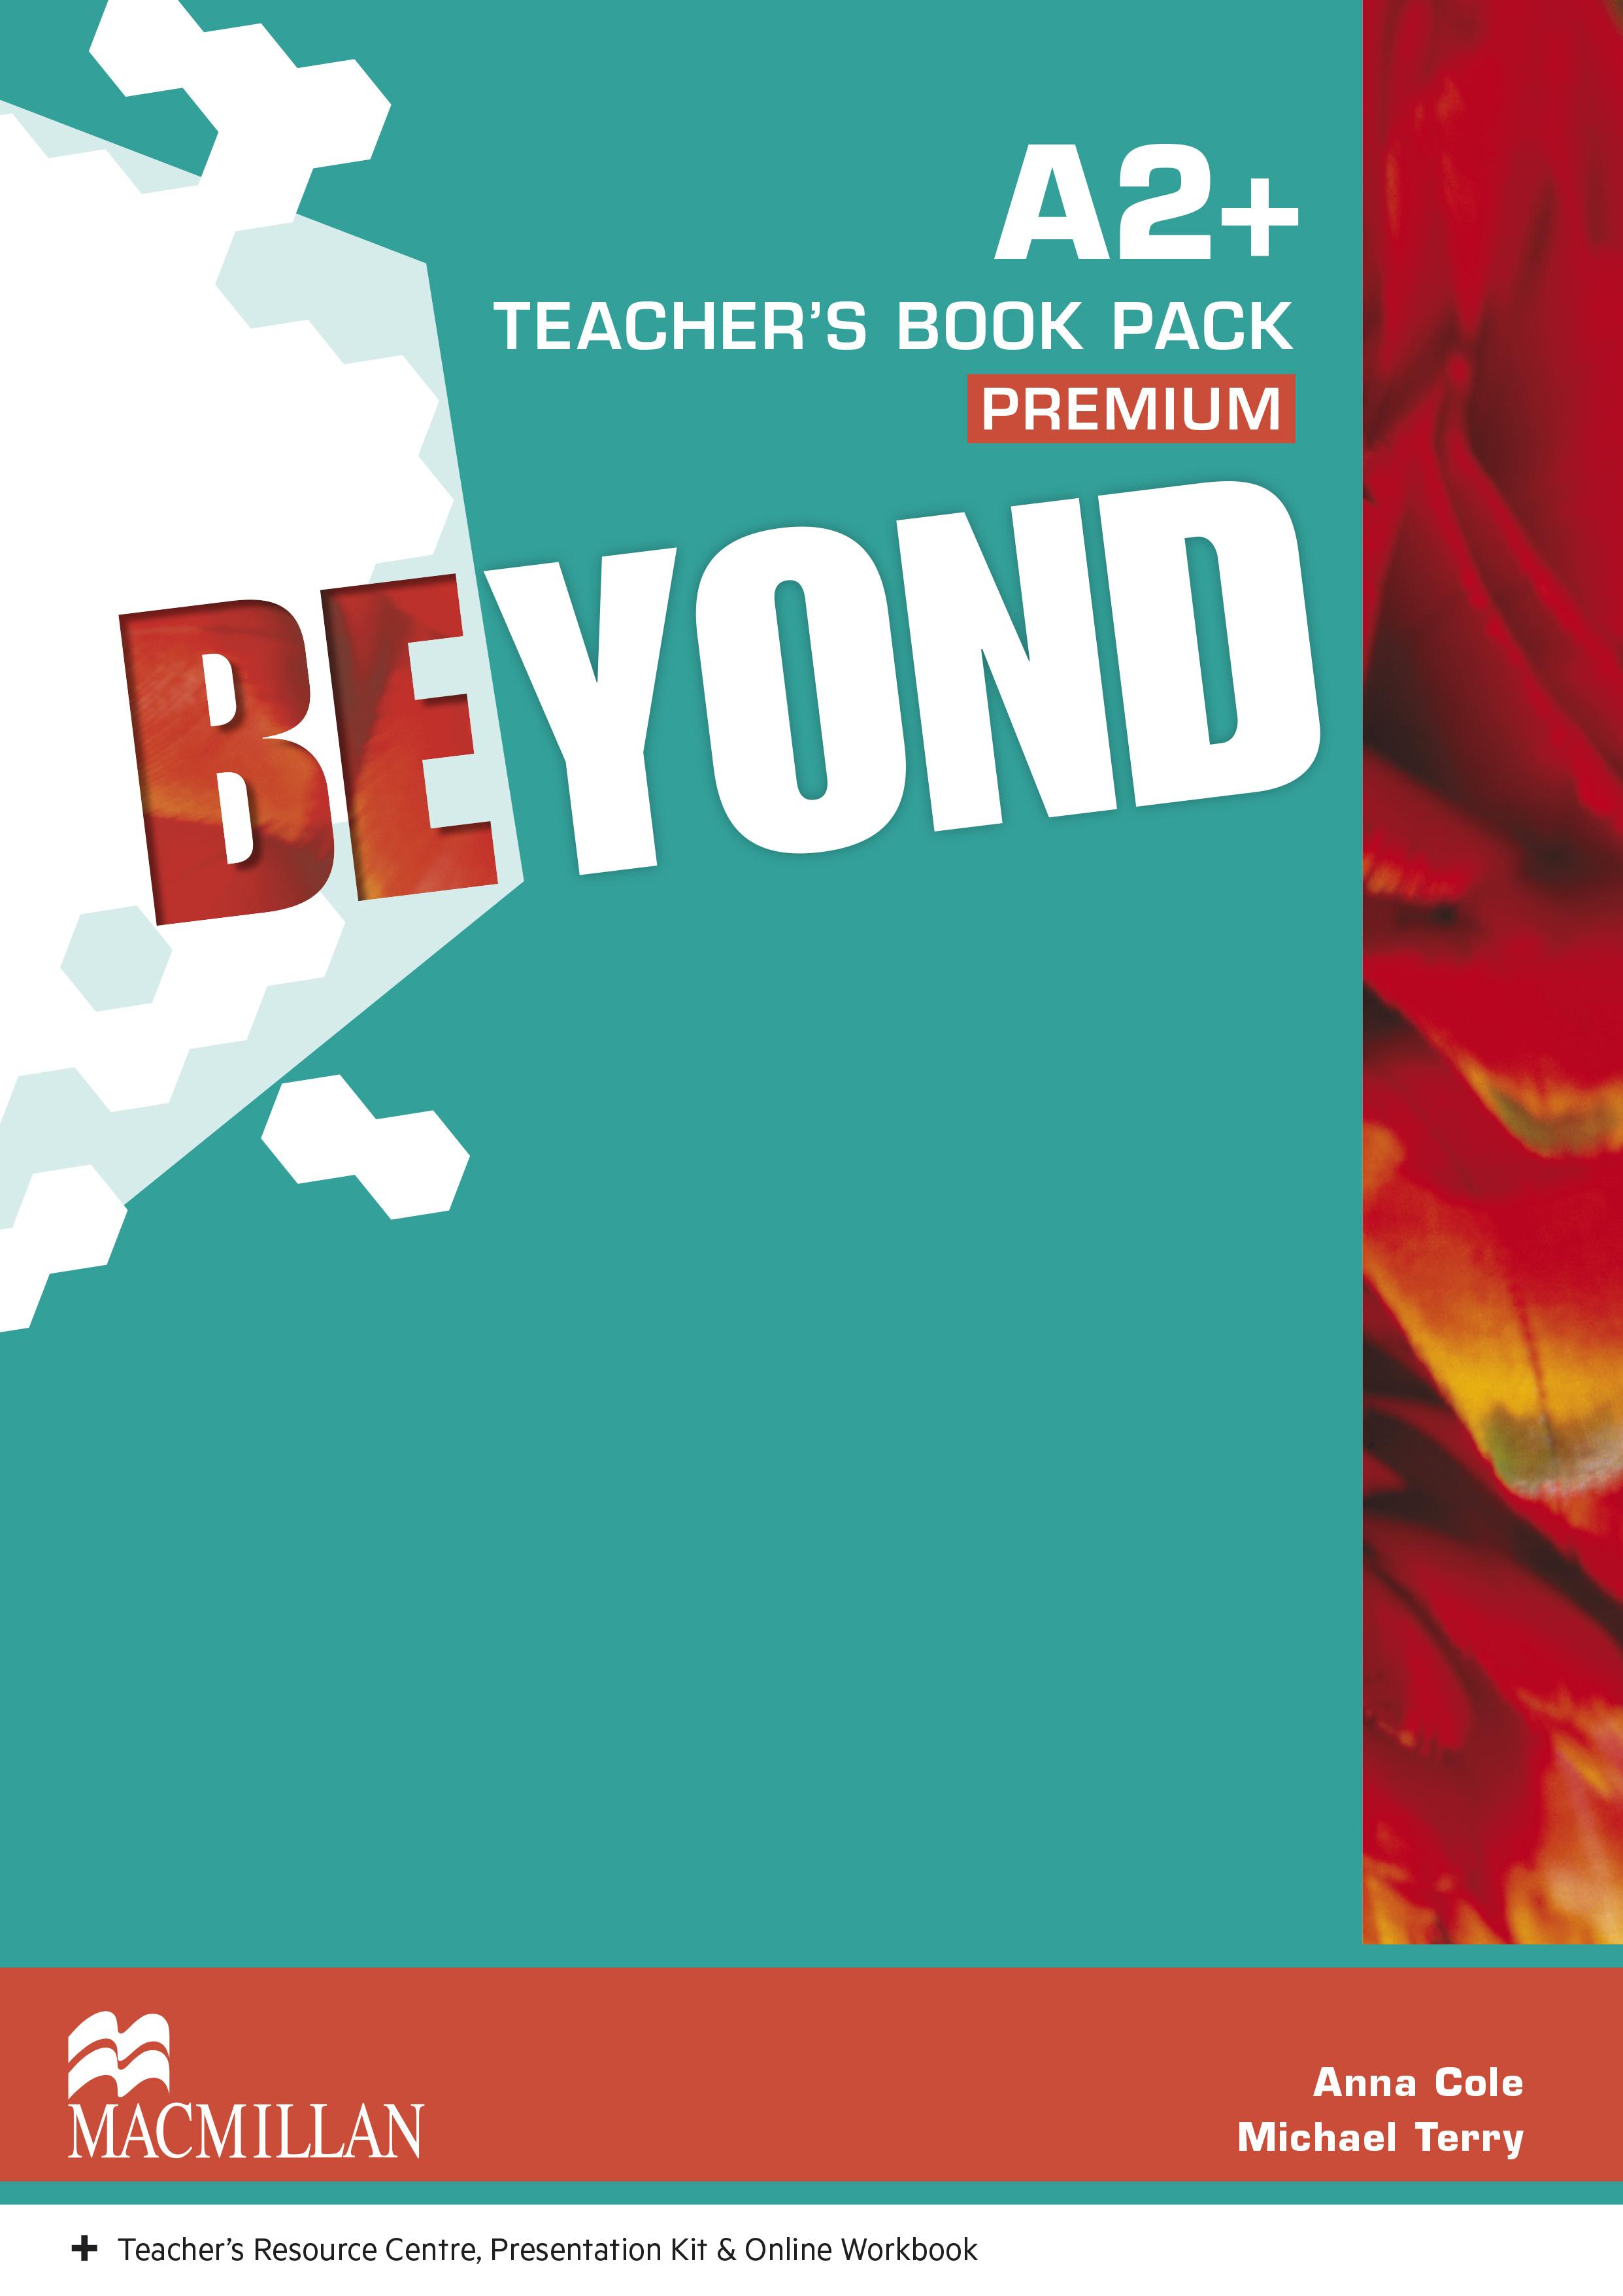 Beyond A2+ Teacher